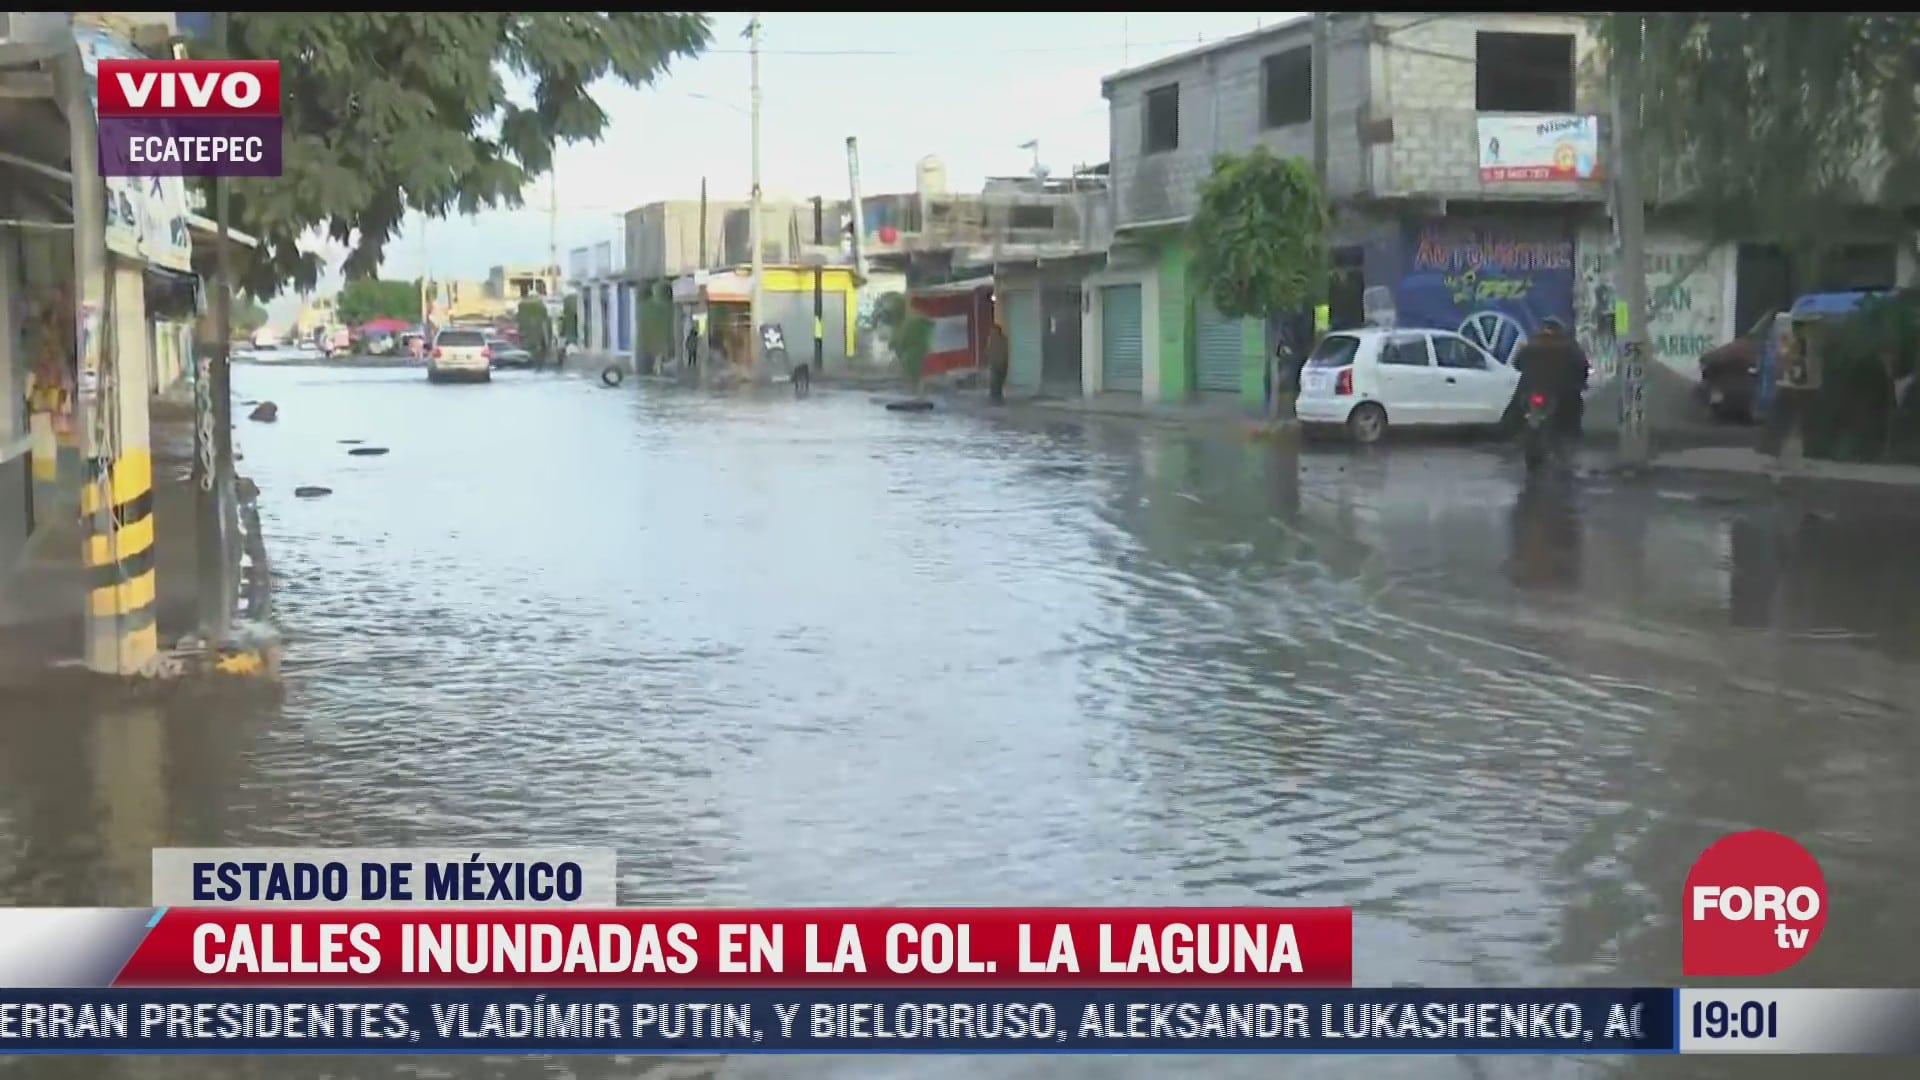 continuan inundadas las calles en la colonia la laguna en ecatepec